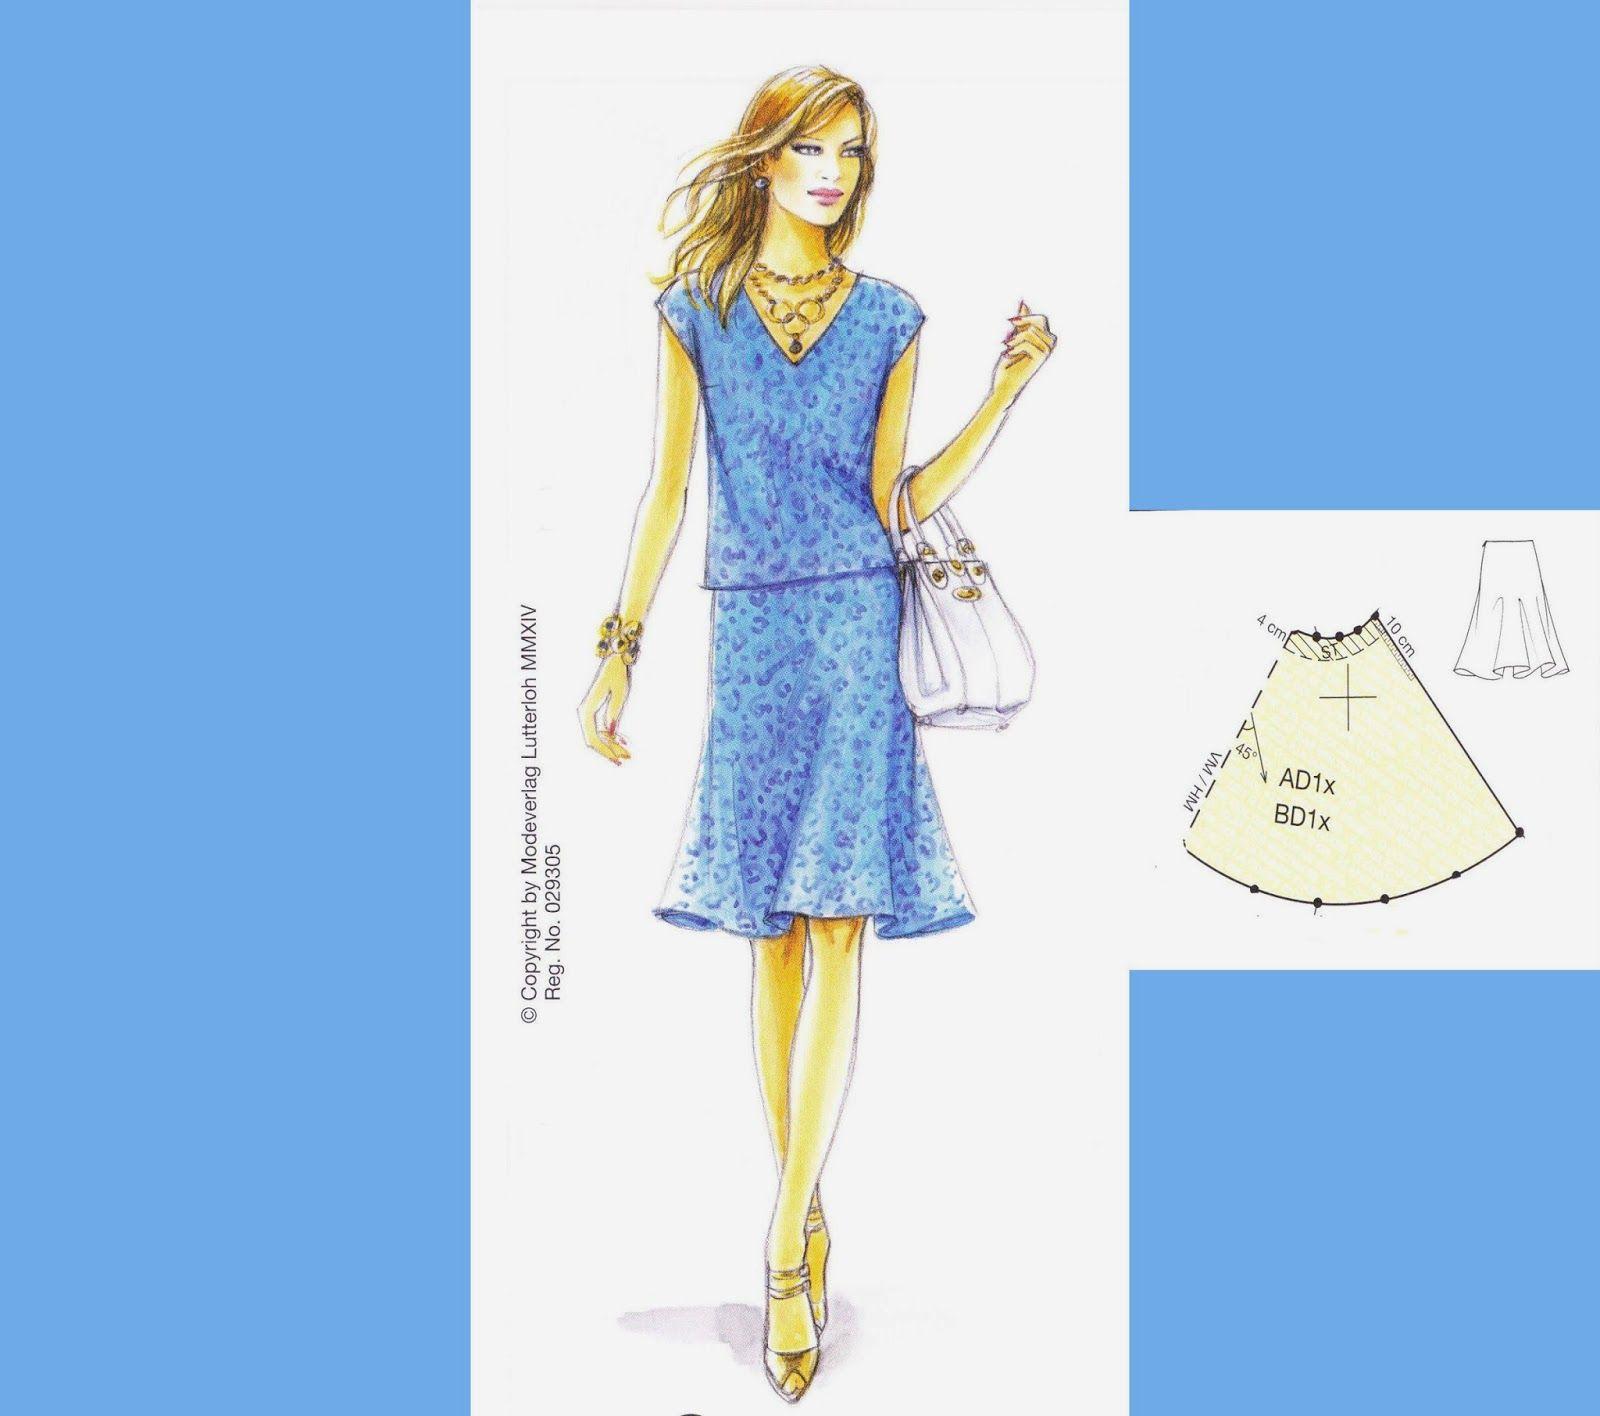 Lutterloh rok | * S - Sew & Lutterloh Patterns | Pinterest ...